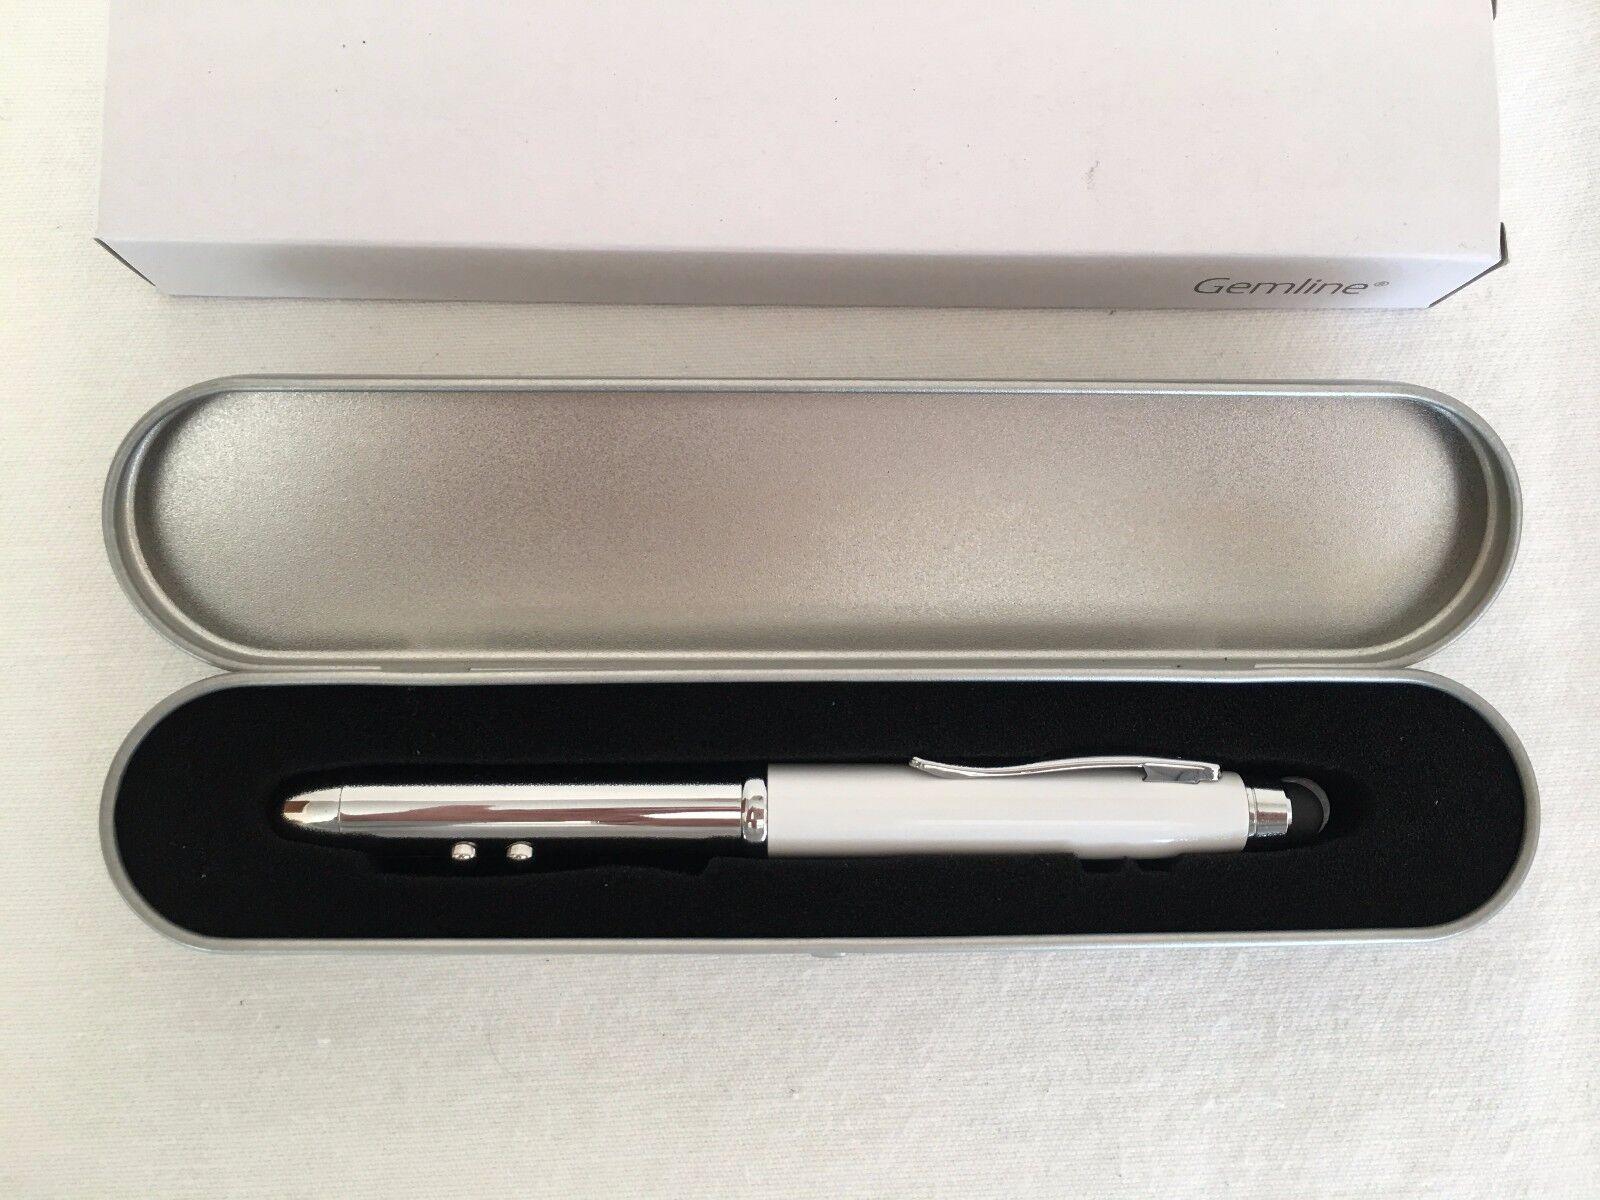 Stylus LED Light Ball Pen 4 in 1 PDA Pen Red Laser Pointer NEW in Box & Tin